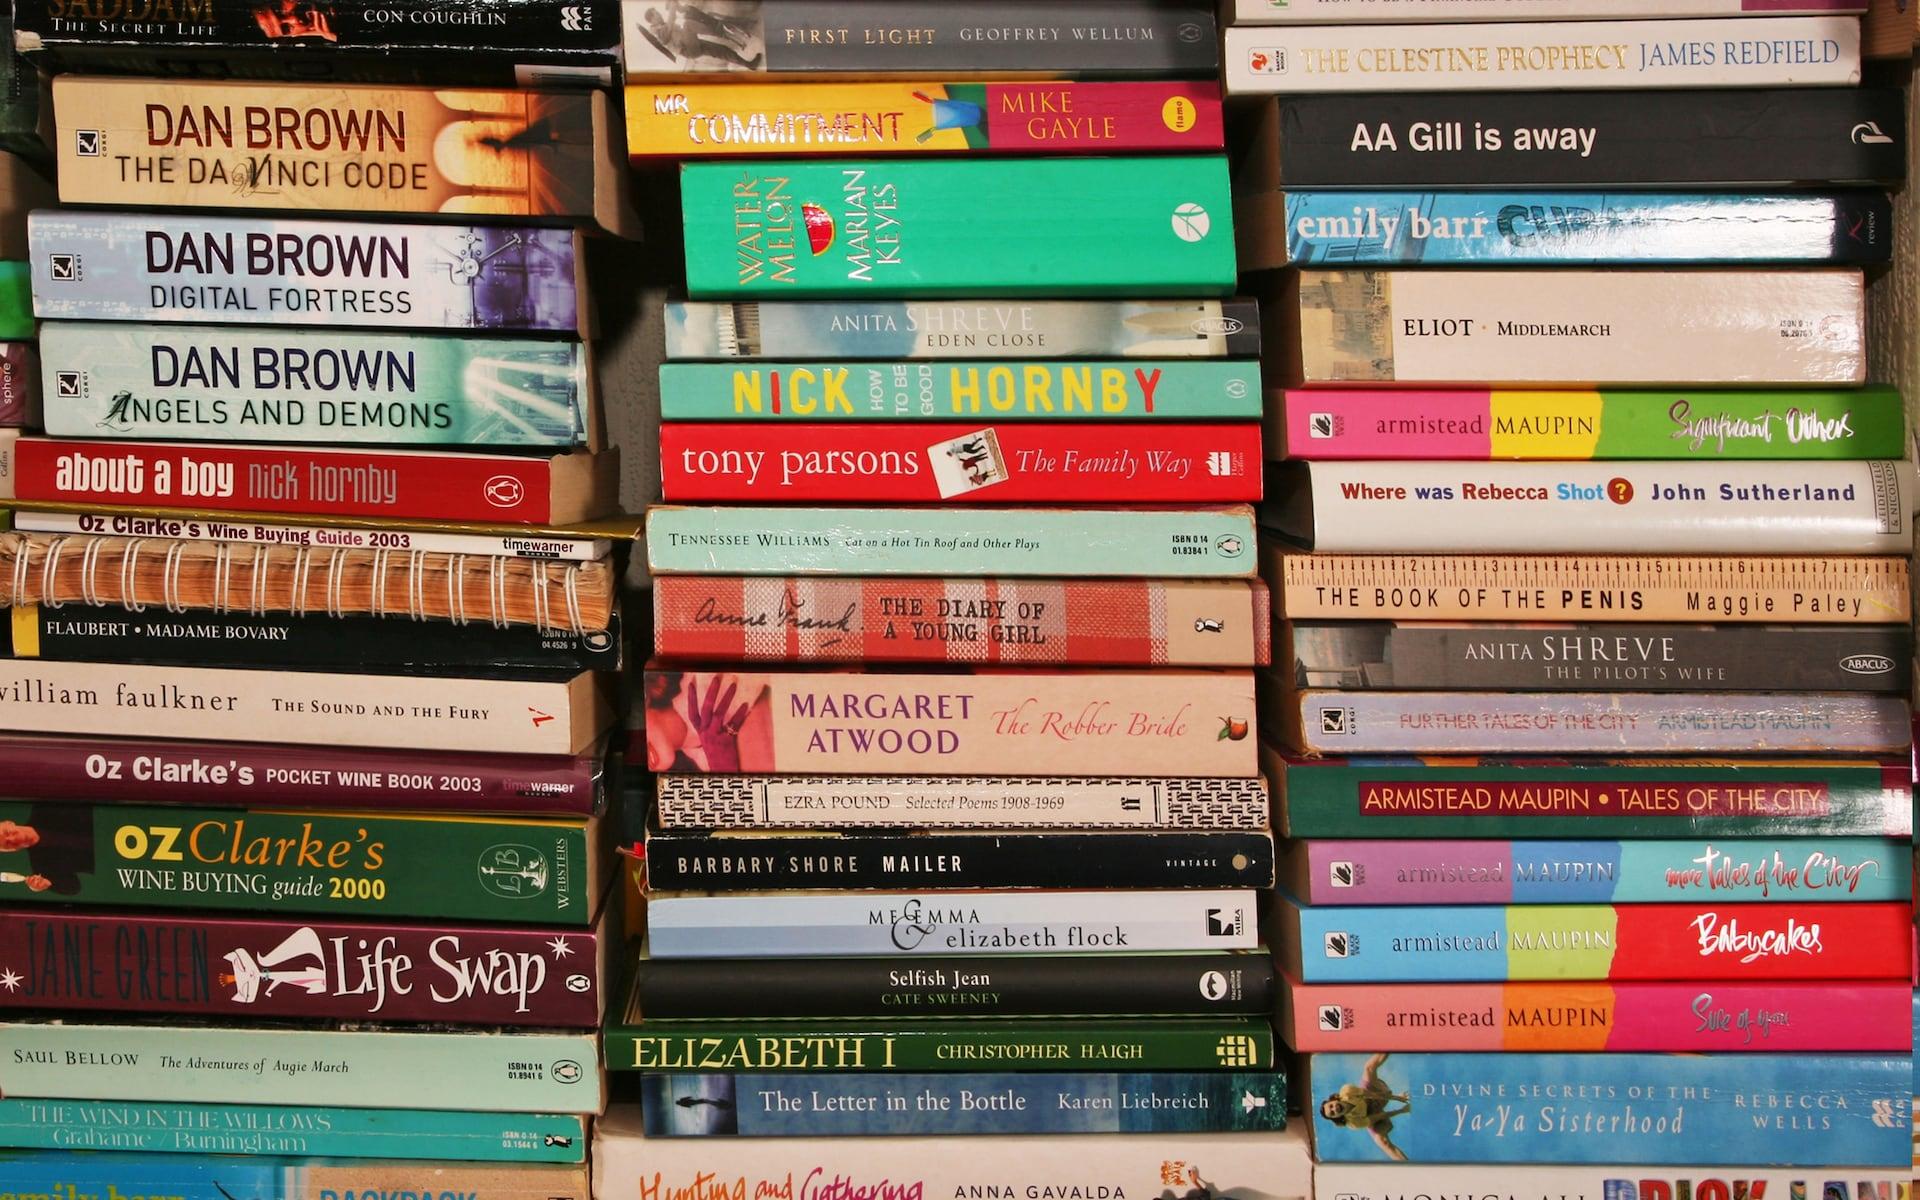 PD46373733_Alamy_AM0H7N-Books_trans_NvBQzQNjv4BqvyIhey5-bbhpfCG1b5cFTS6NdQfmGET_d93sPnguEQo